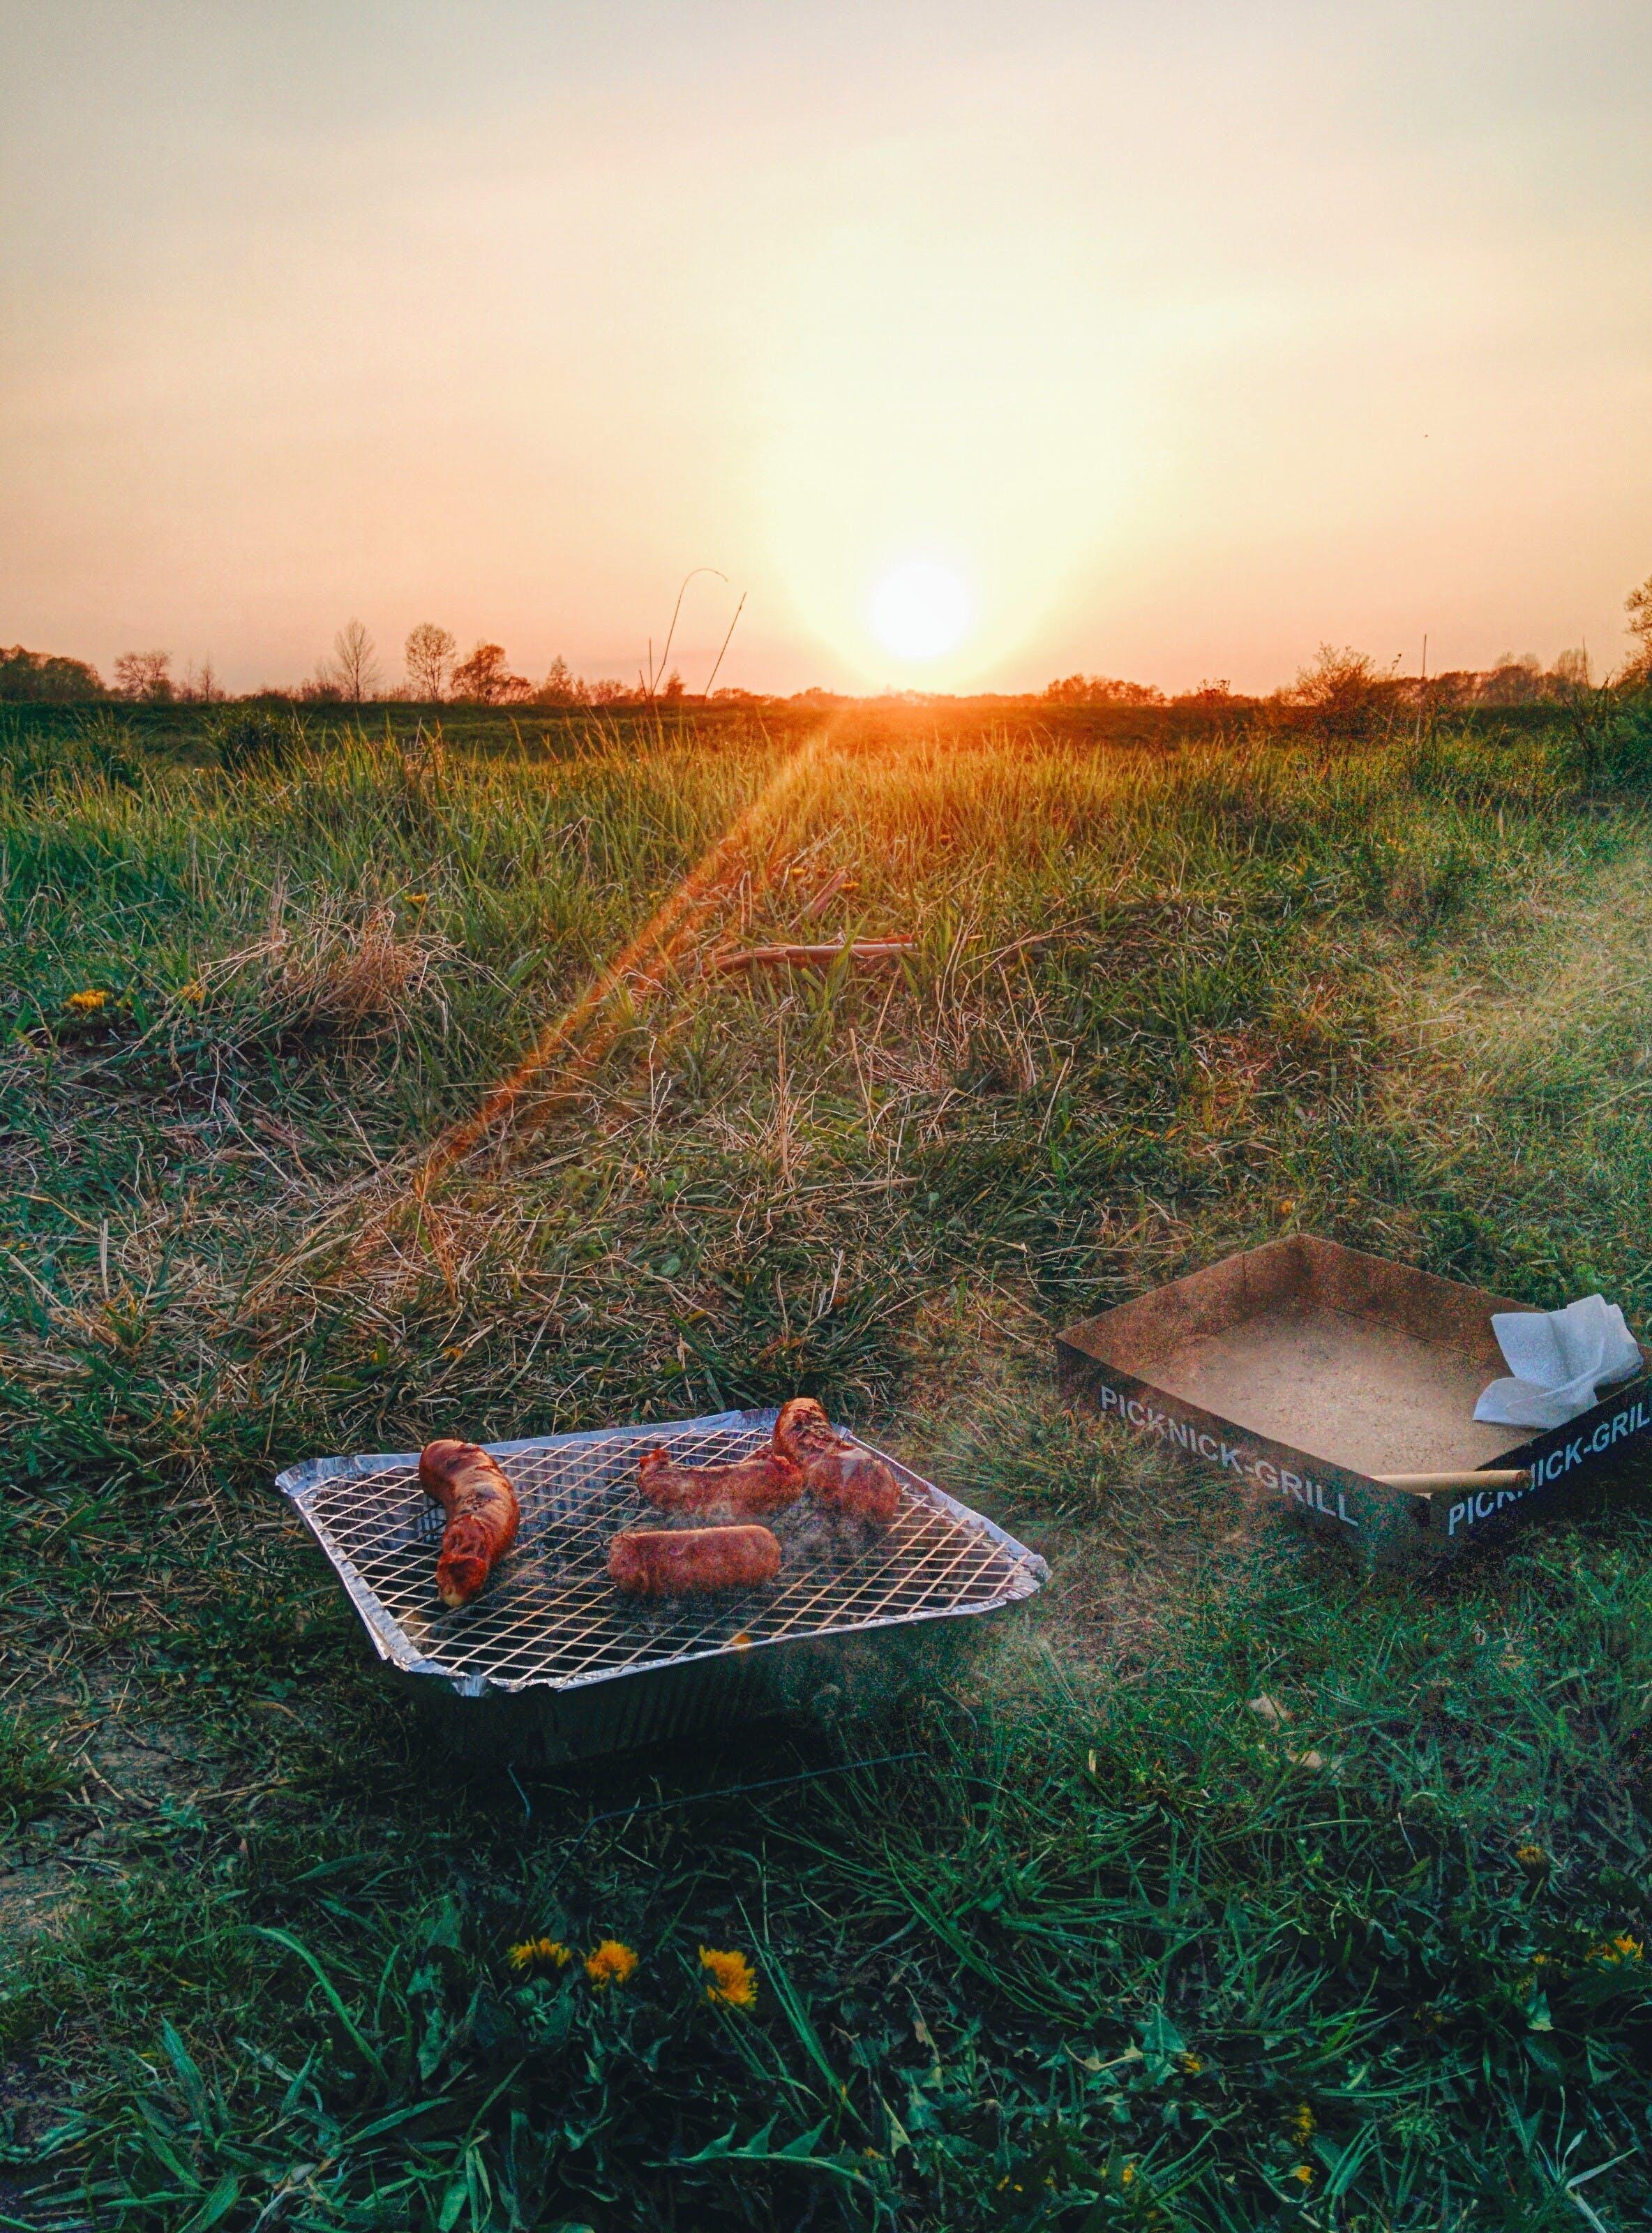 barbecue, bbq, grass